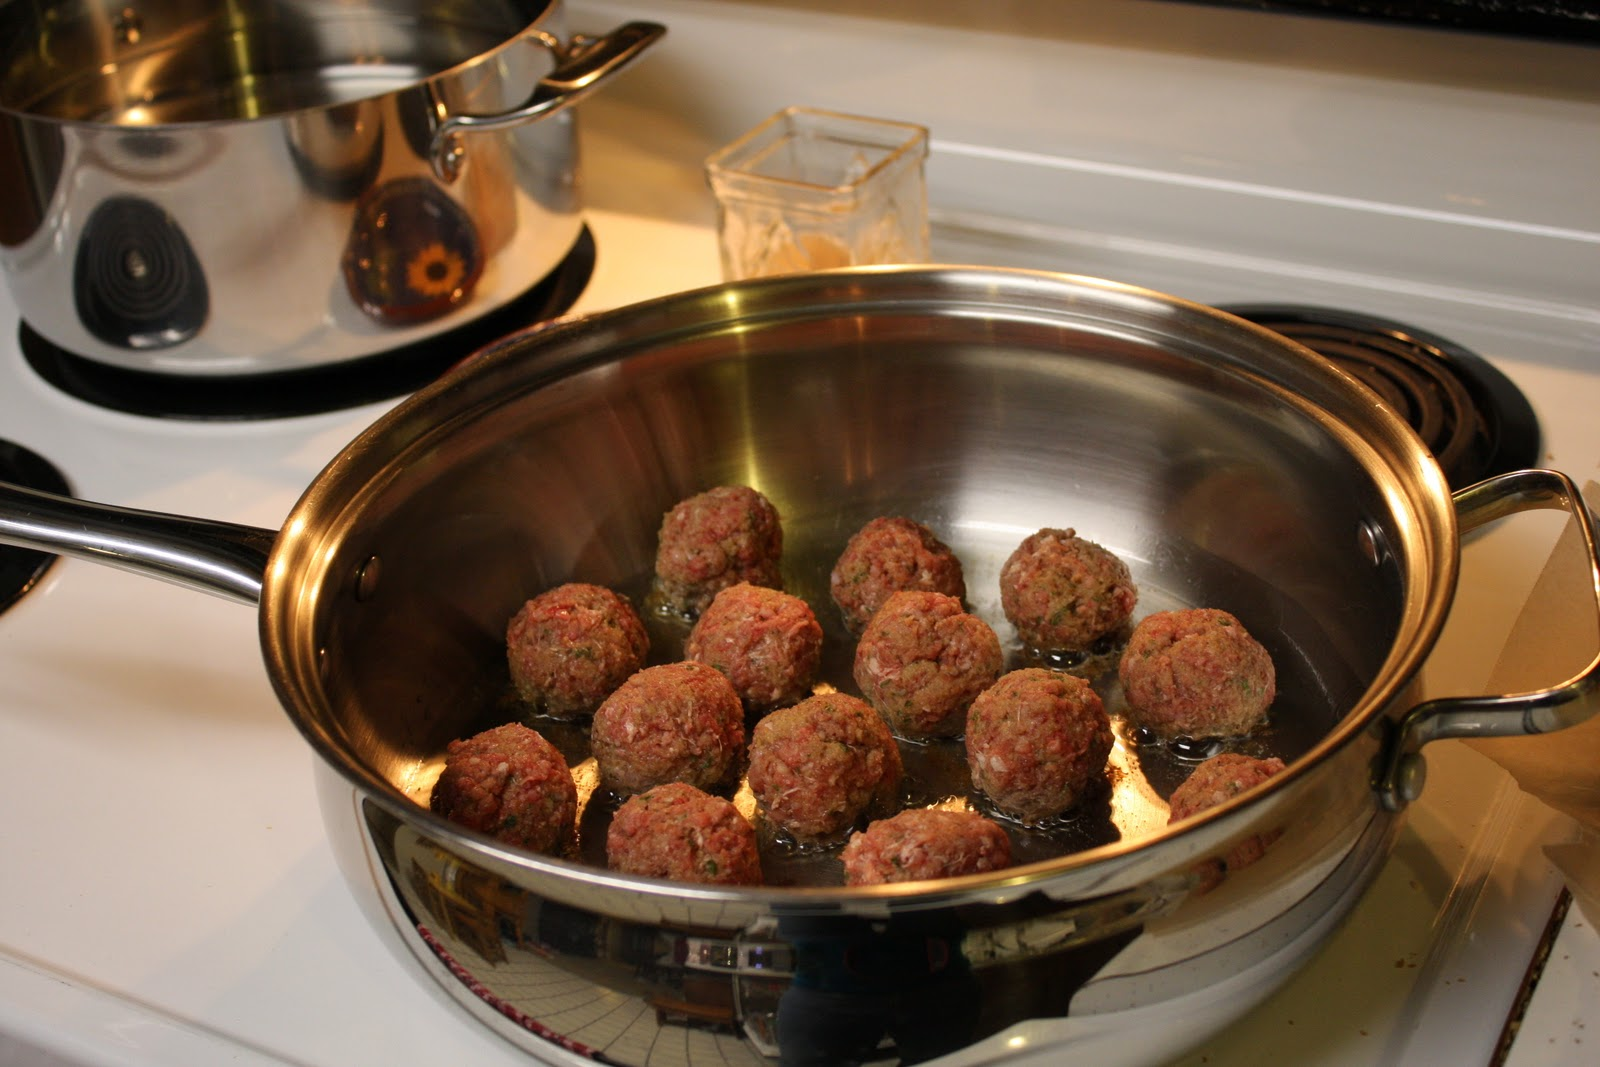 Meatballs in a deep pan